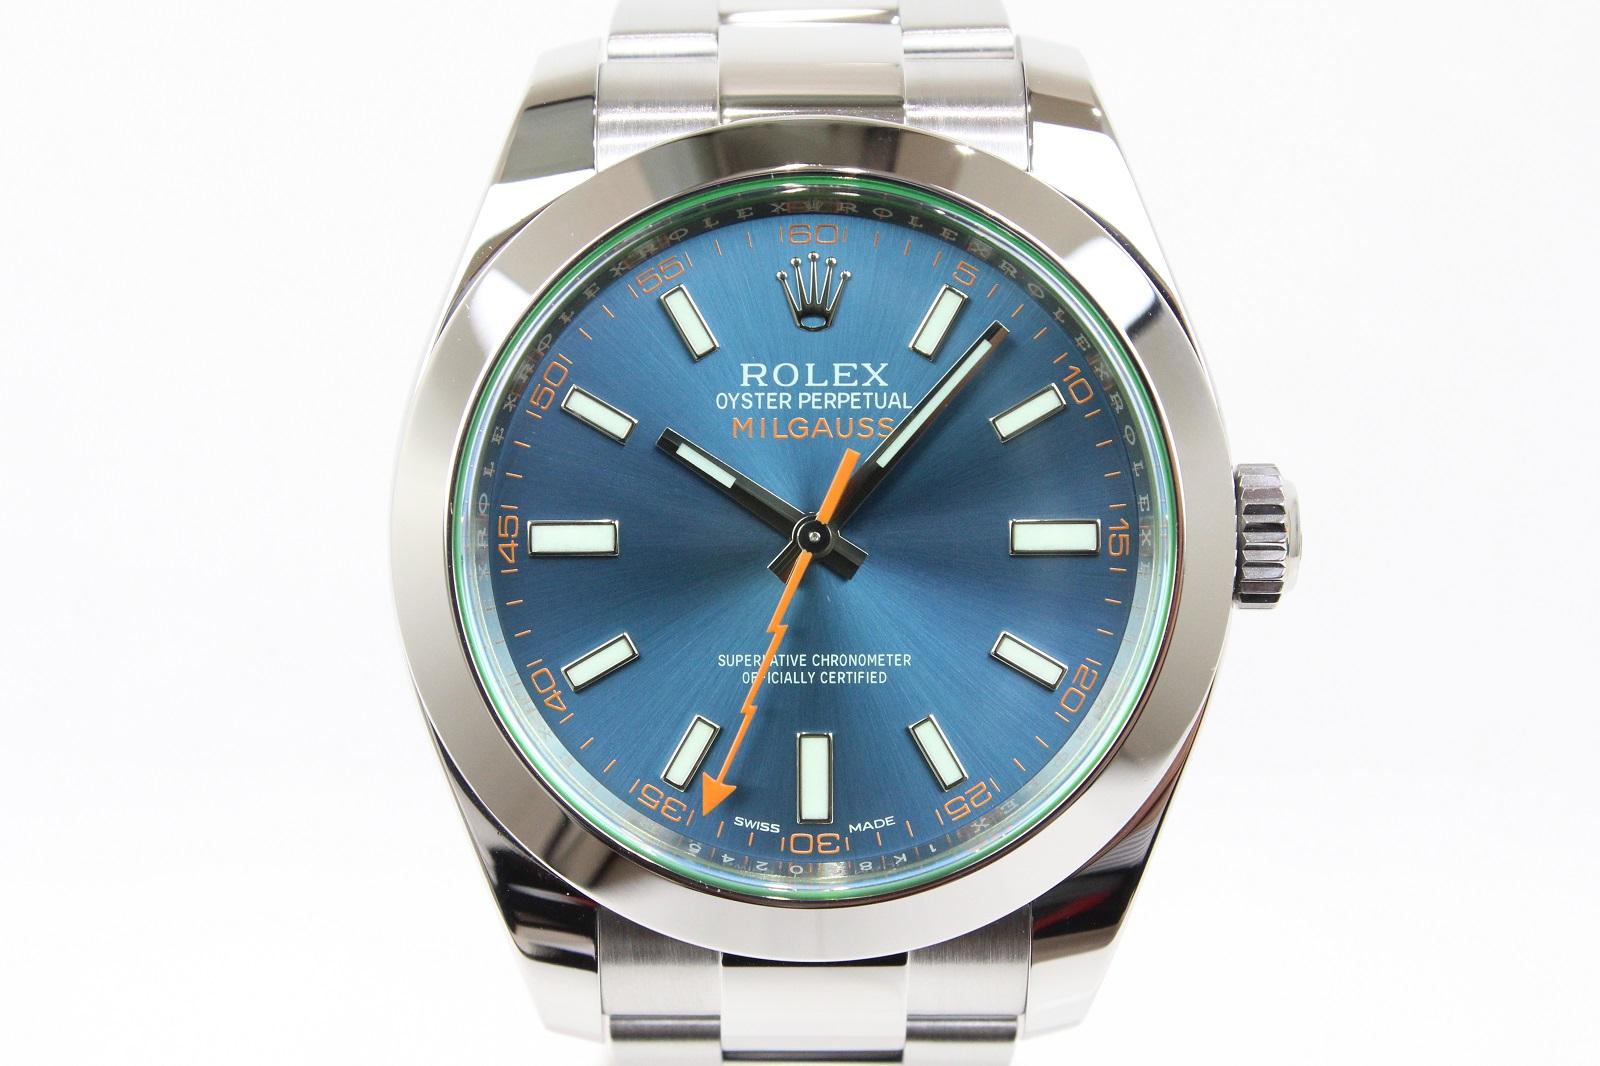 【ギャラ有】ROLEX ロレックス ミルガウス 116400GV ランダム 自動巻き SS ステンレススチール 緑風防 ブルー メンズ 腕時計【中古】